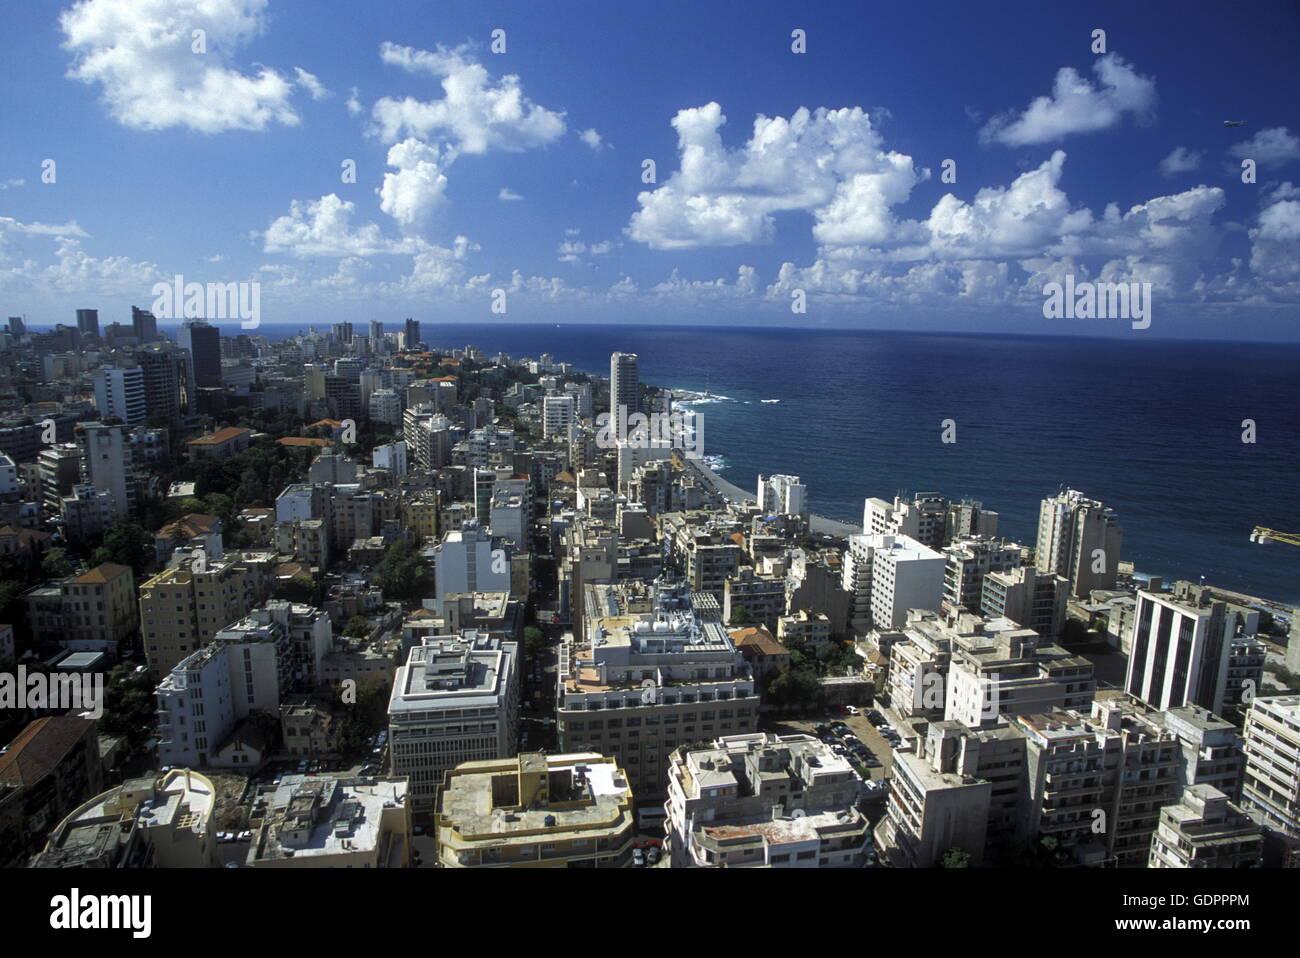 Le centre-ville de Beyrouth sur la côte au Liban au Moyen-Orient. Photo Stock